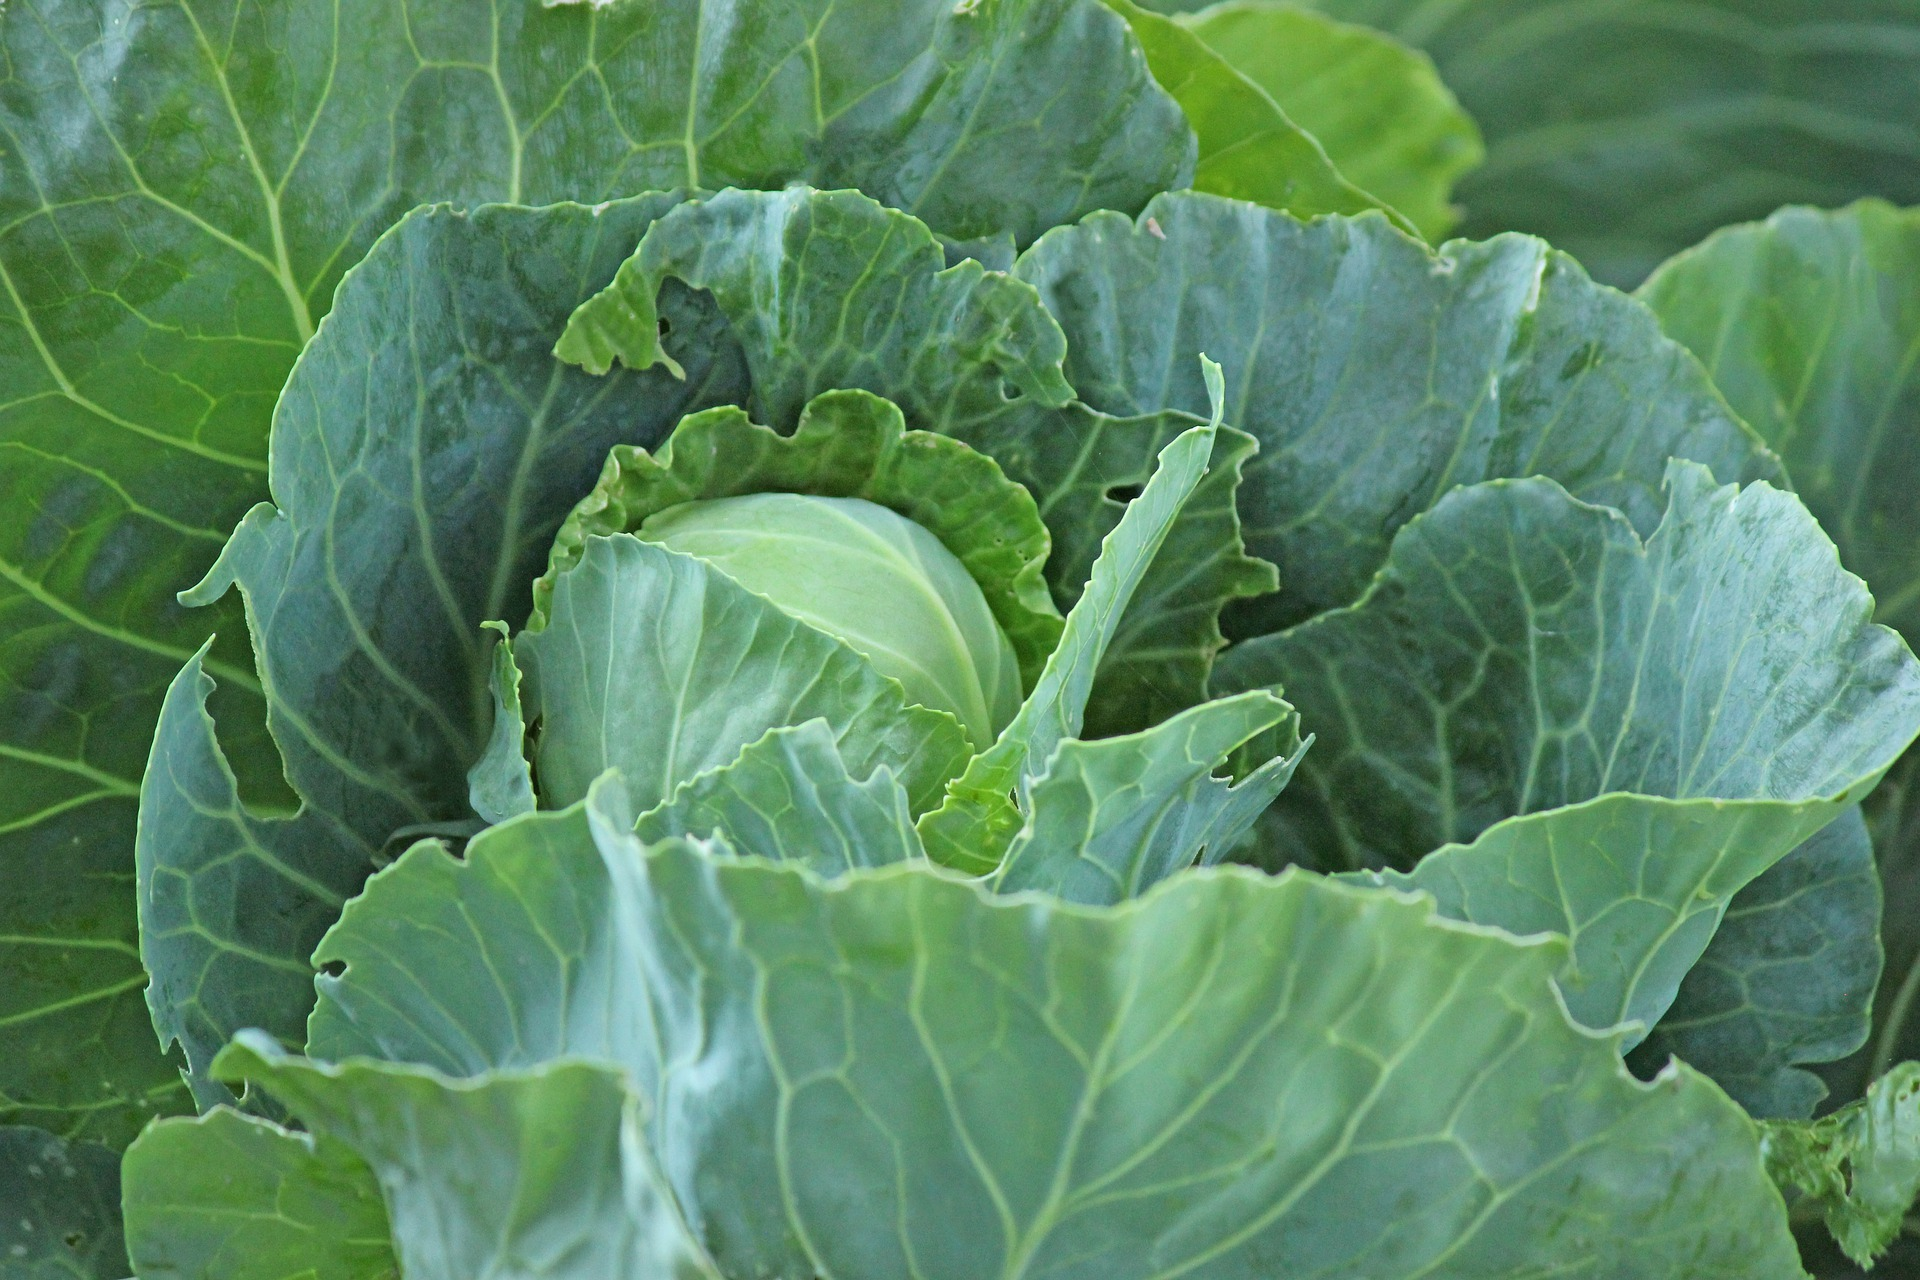 Оптова ціна на білокачанну капусту в Україні знизилася на 12%